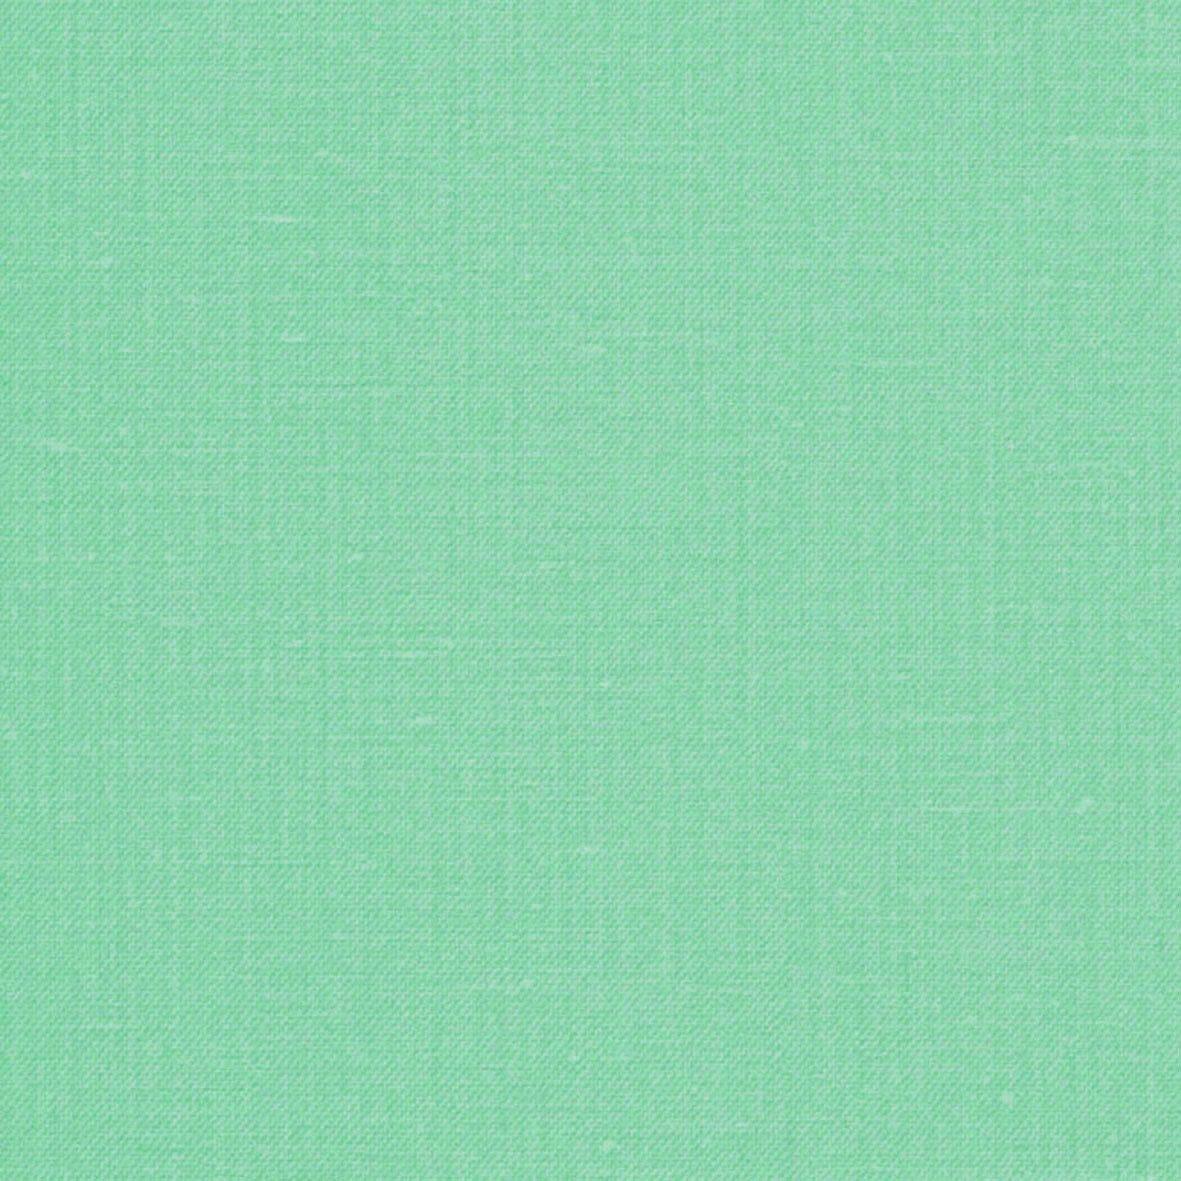 壁紙クロス 33m リリカラ シンフル 無地 ブルー LL-8600 B01N020C5L 33m|ブルー